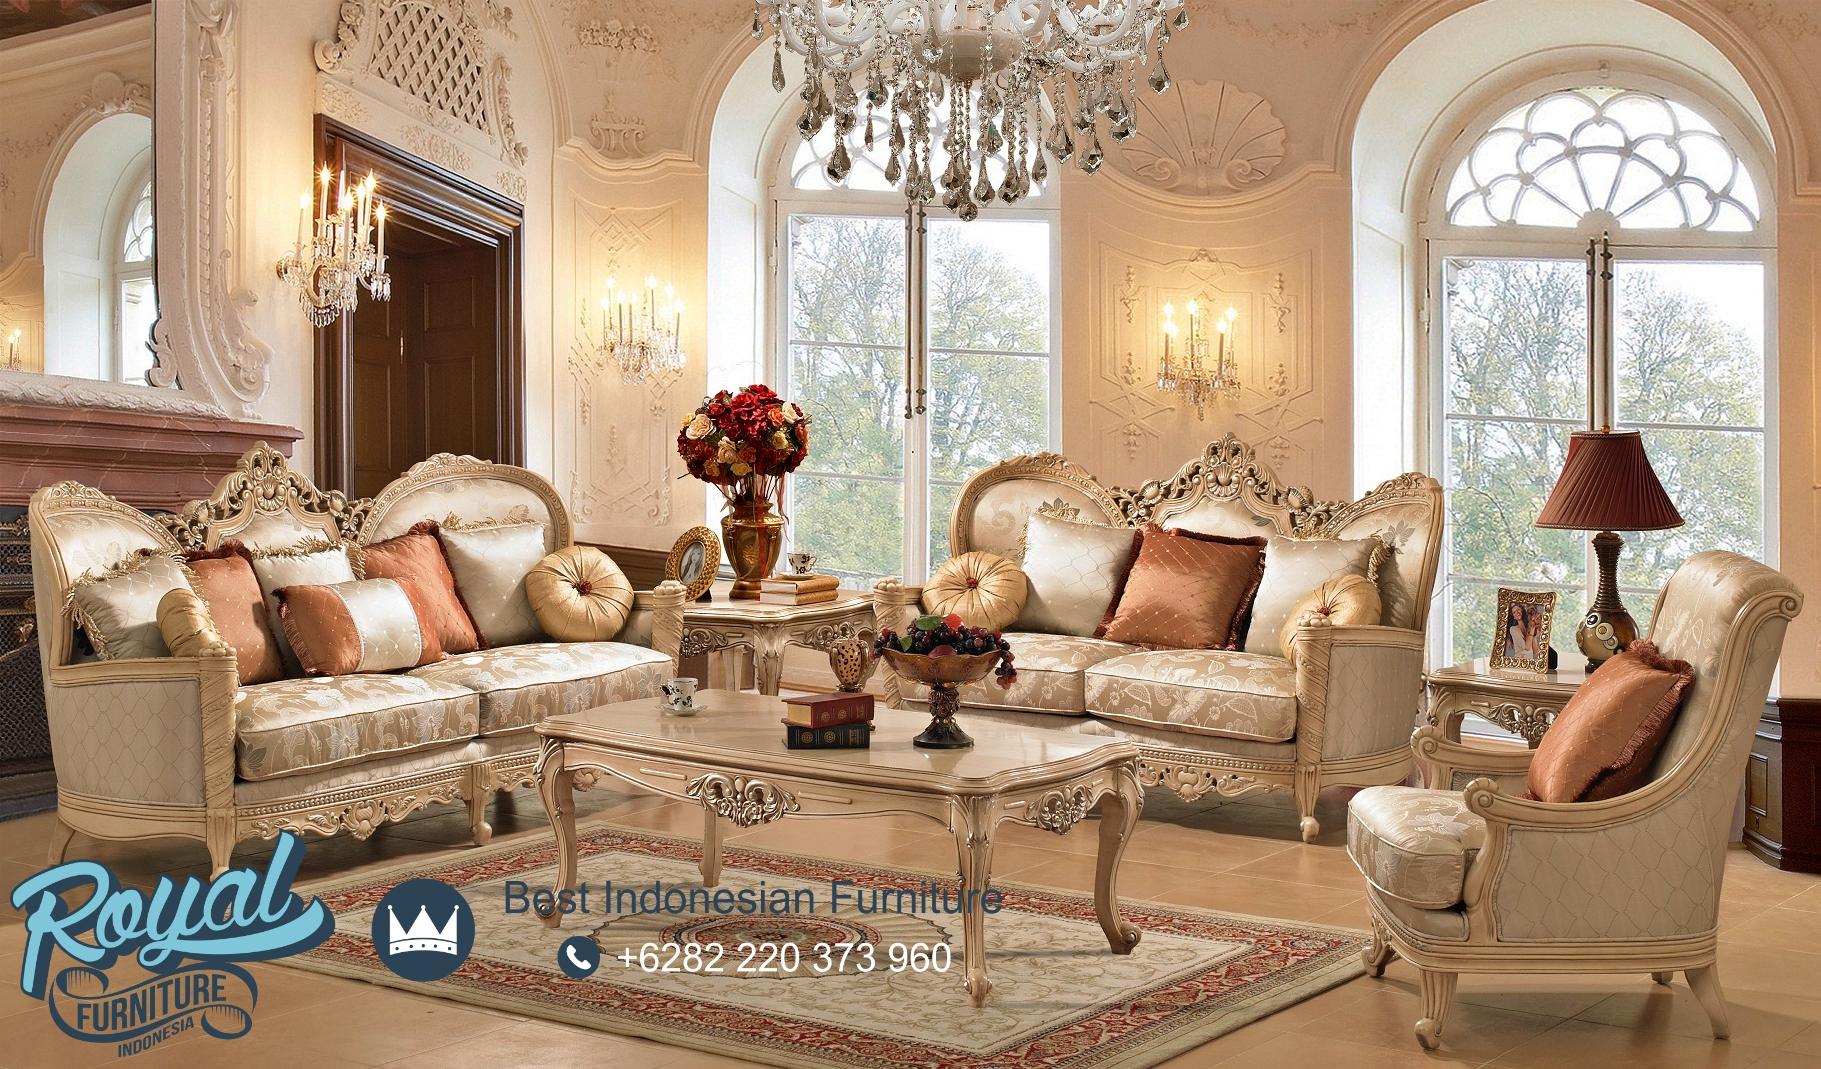 Sofa Tamu Mewah Elegan Living Room, sofa tamu mewah terbaru, sofa klasik mewah, sofa tamu jati jepara, sofa mewah kulit asli, sofa mewah modern, model sofa mewah dan elegan, sofa mewah minimalis terbaru, jual sofa mewah murah, harga sofa terbaru jati jepara, gambar sofa mewah, sofa ruang tamu mewah dan luas, sofa ruang tamu ukir jepara terbaru, kursi tamu jati jepara terbaru, sofa tamu klasik mewah, sofa tamu mewah, sofa ruang tamu terbaru, kursi ruang tamu mewah, sofa mewah modern, sofa ruang tamu kecil, sofa ruang tamu elegan, desain sofa ruang tamu klasik eropa, toko furniture jepara, jual furniture jati jepara, mebel jepara terbaru, royal furniture